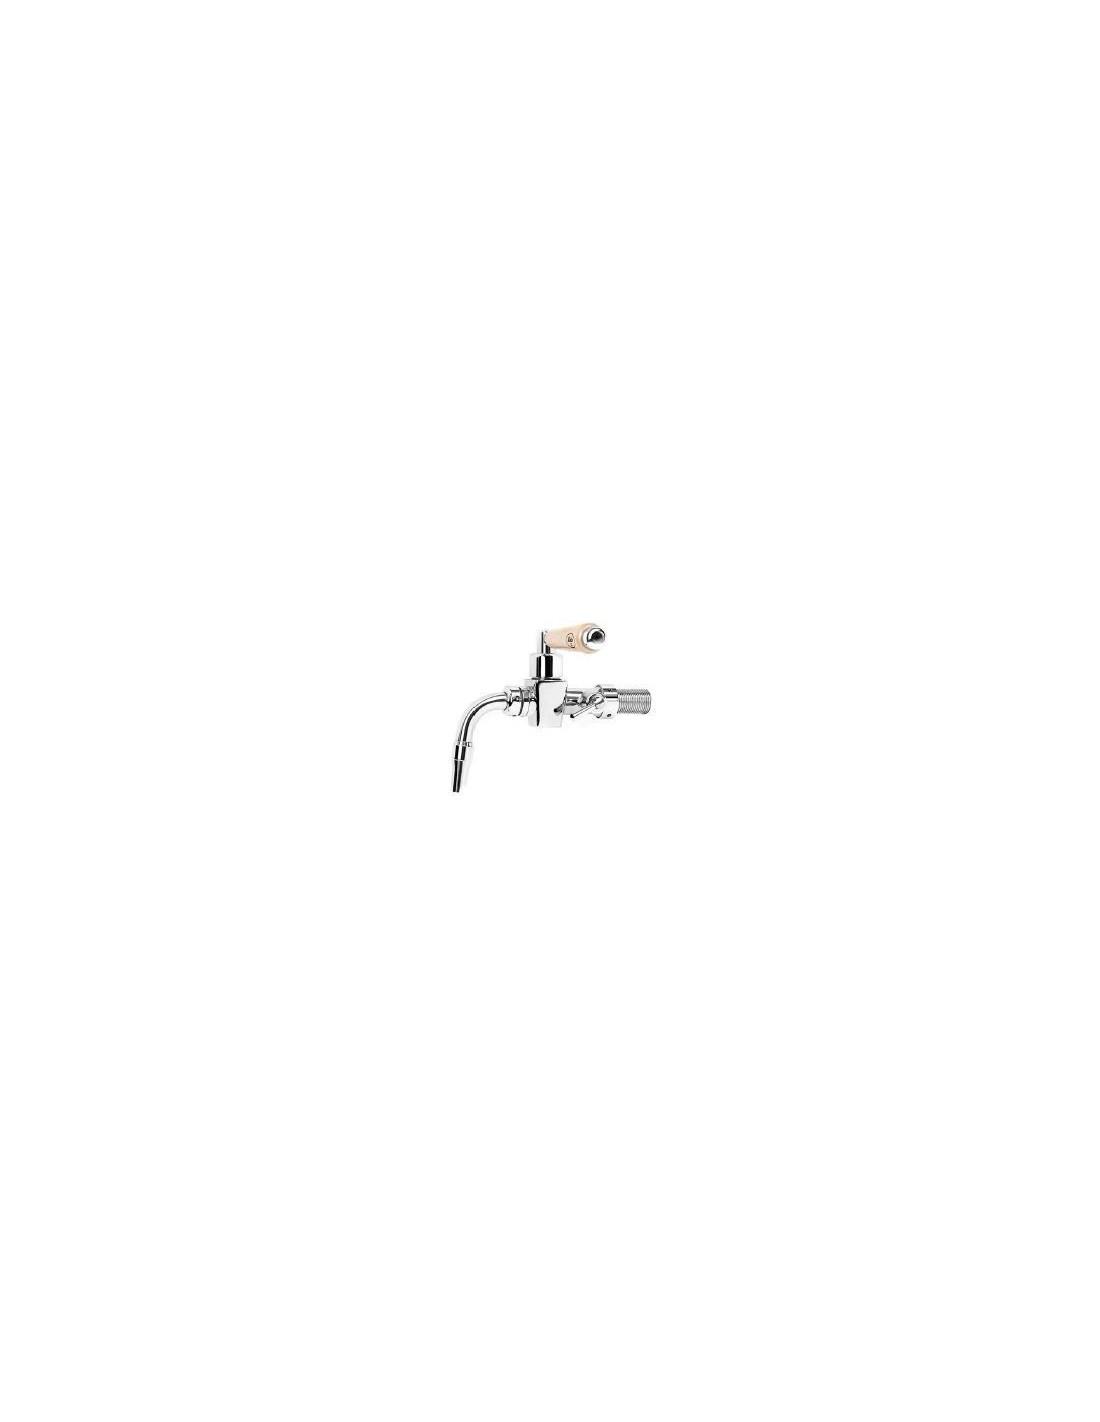 KOH02163 - Tappkran krompläterad 5/8-65 mm, normal pip